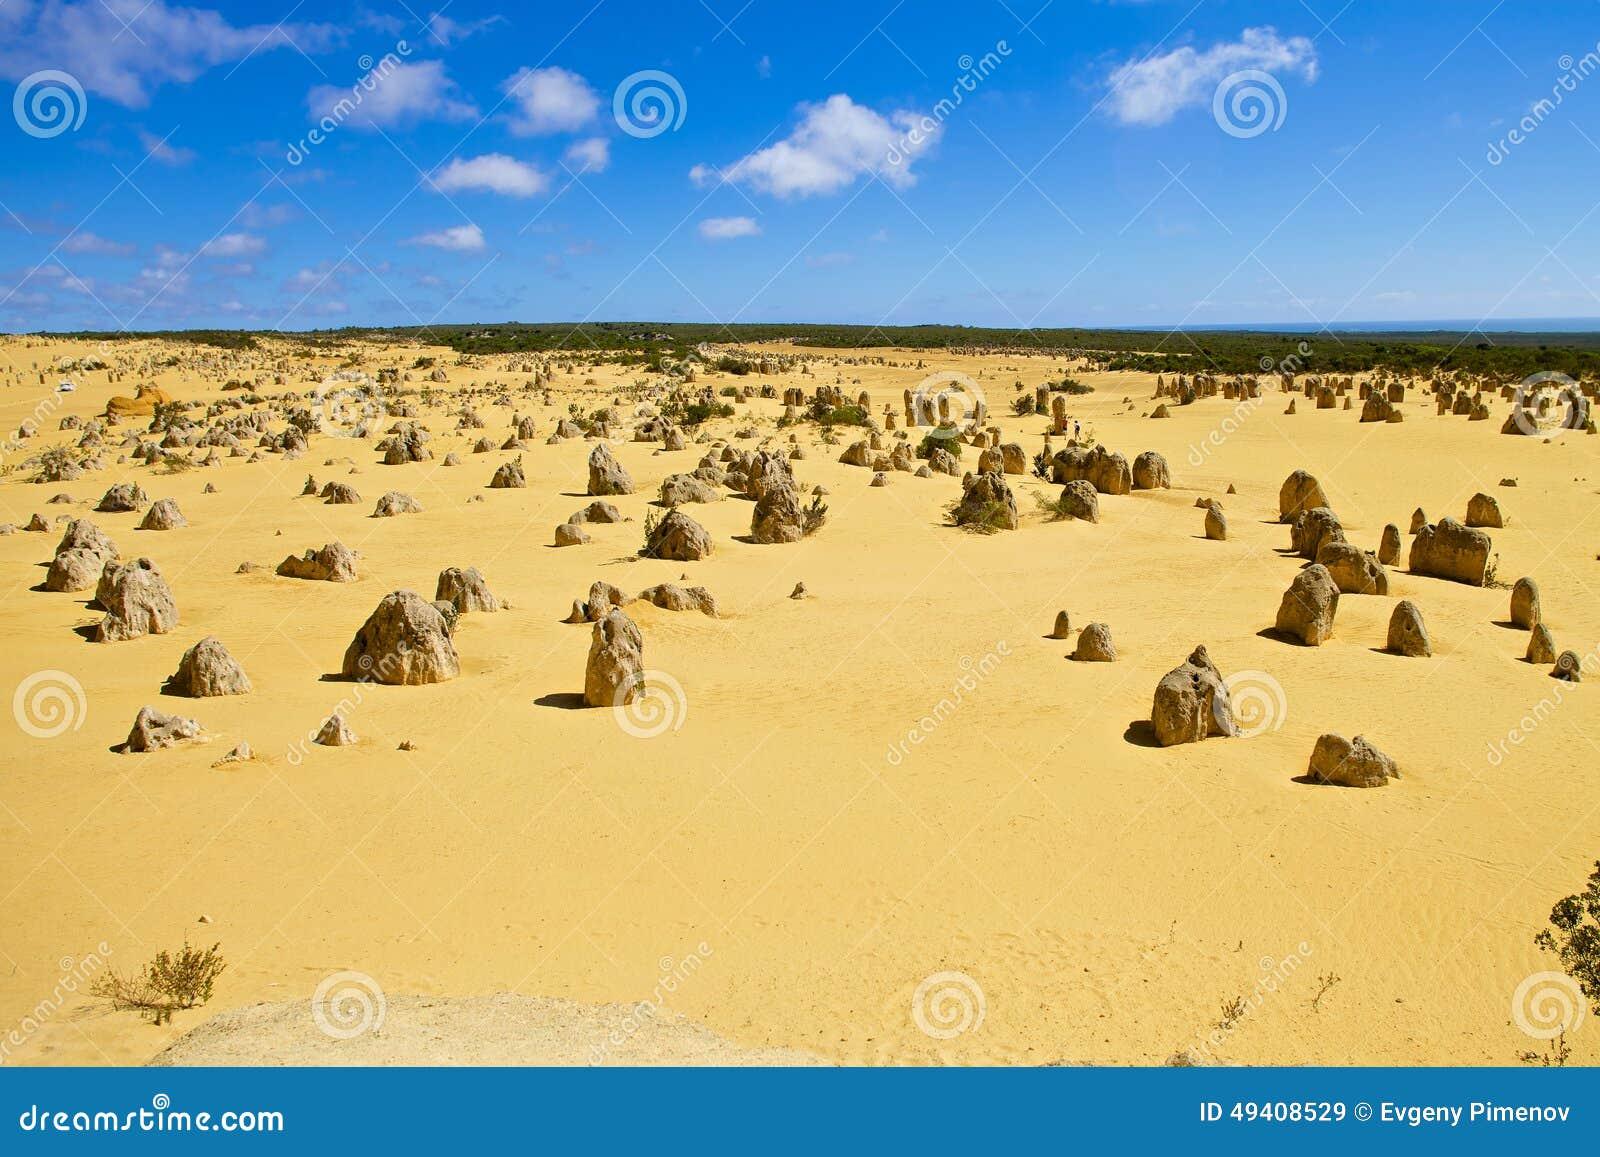 Download Berggipfelwüste In Westaustralien Stockbild - Bild von wüste, wald: 49408529